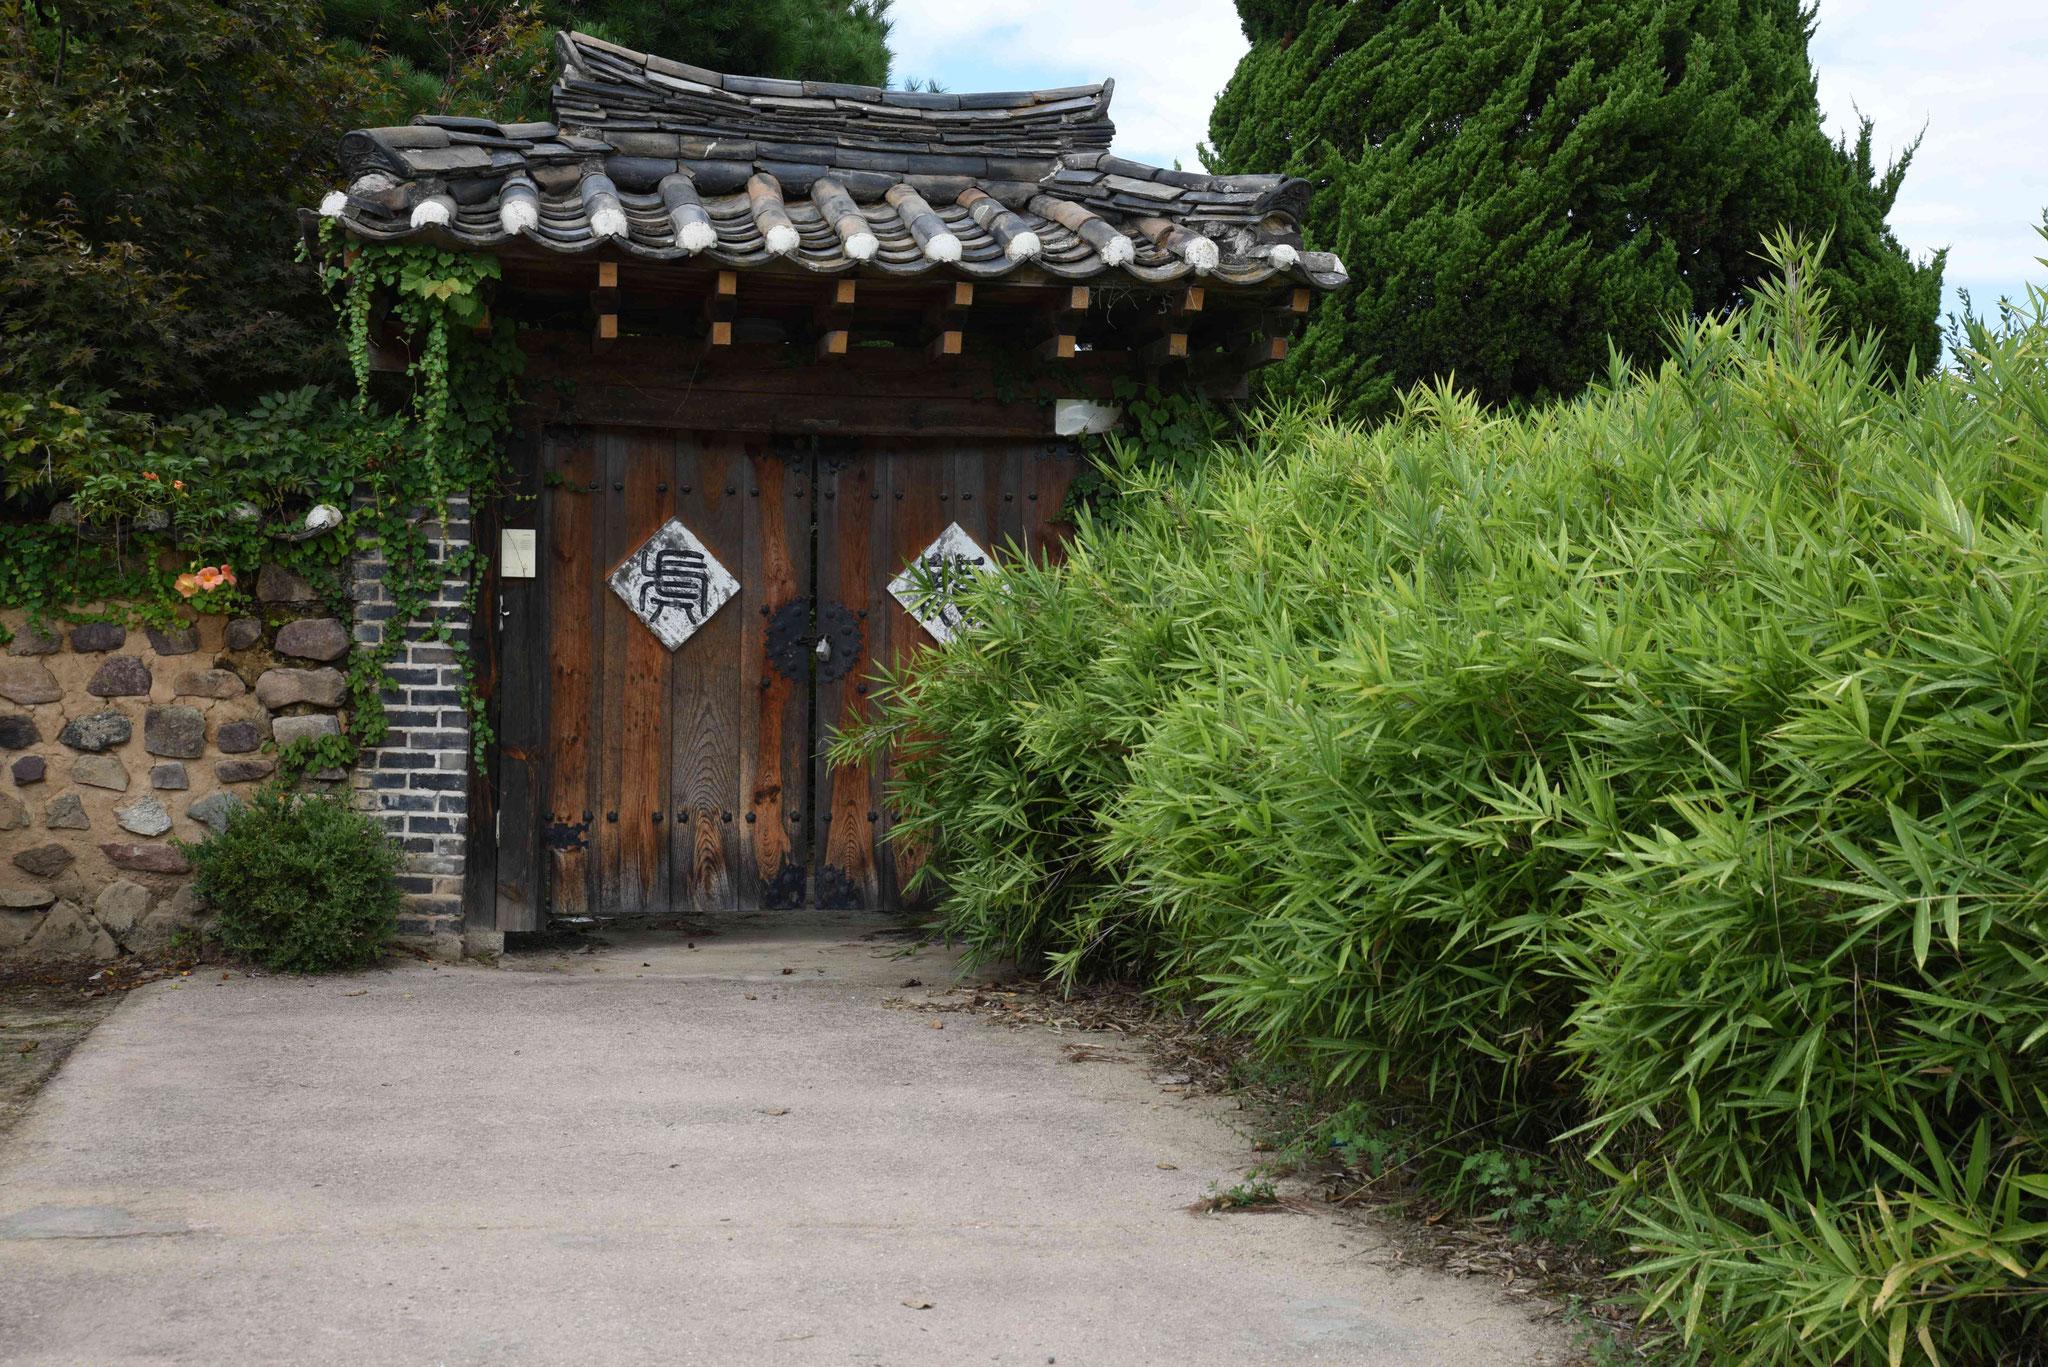 Eingang in ein altes Haus - mit schönem Holztor